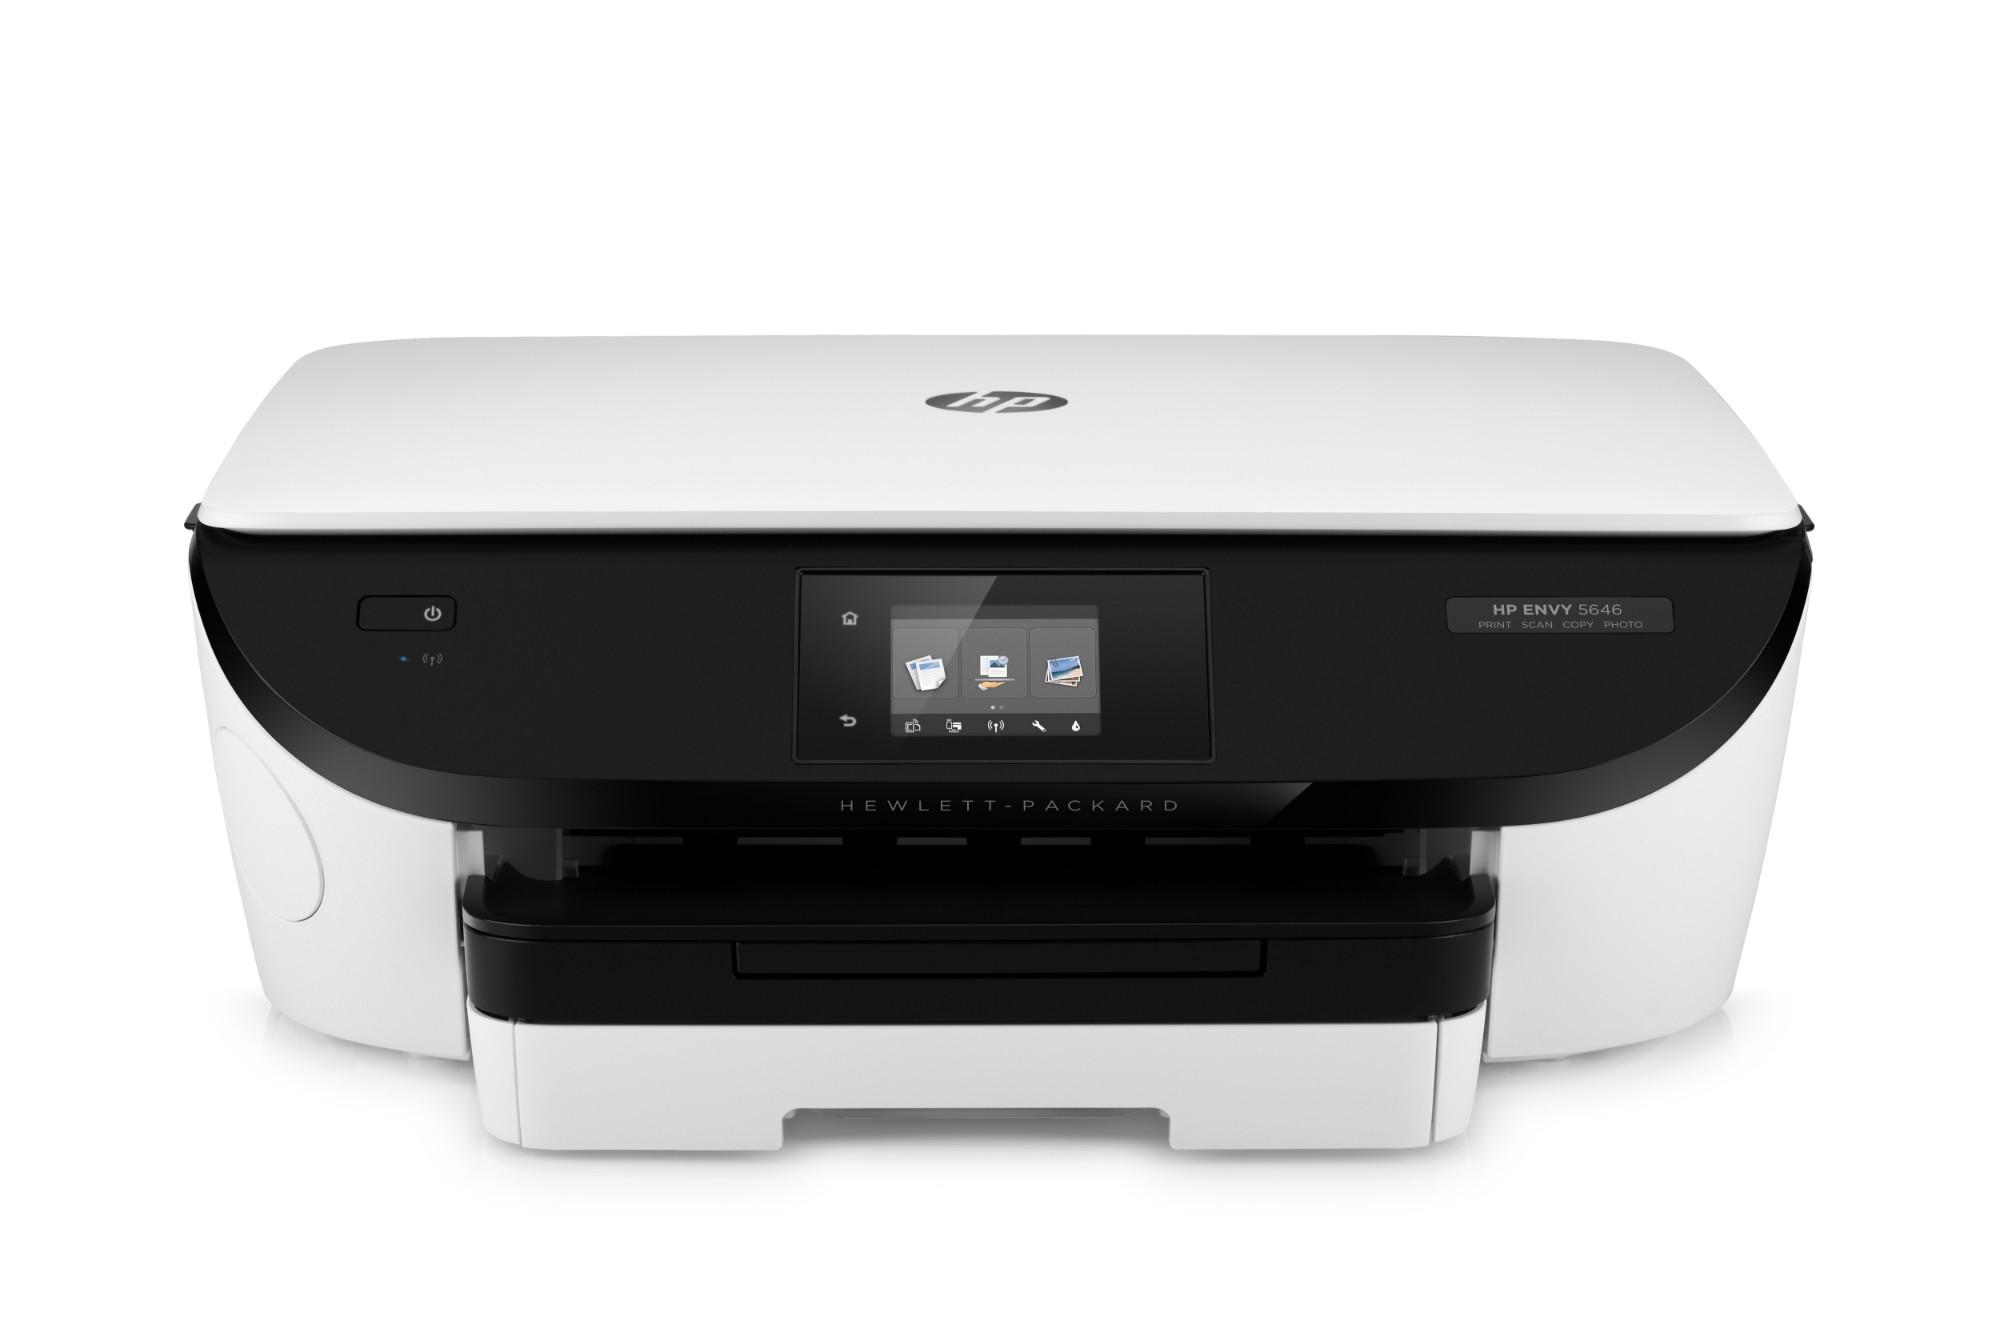 HP ENVY 5646 e-All-in-One 4800 x 1200DPI Inkjet A4 12ppm Wi-Fi